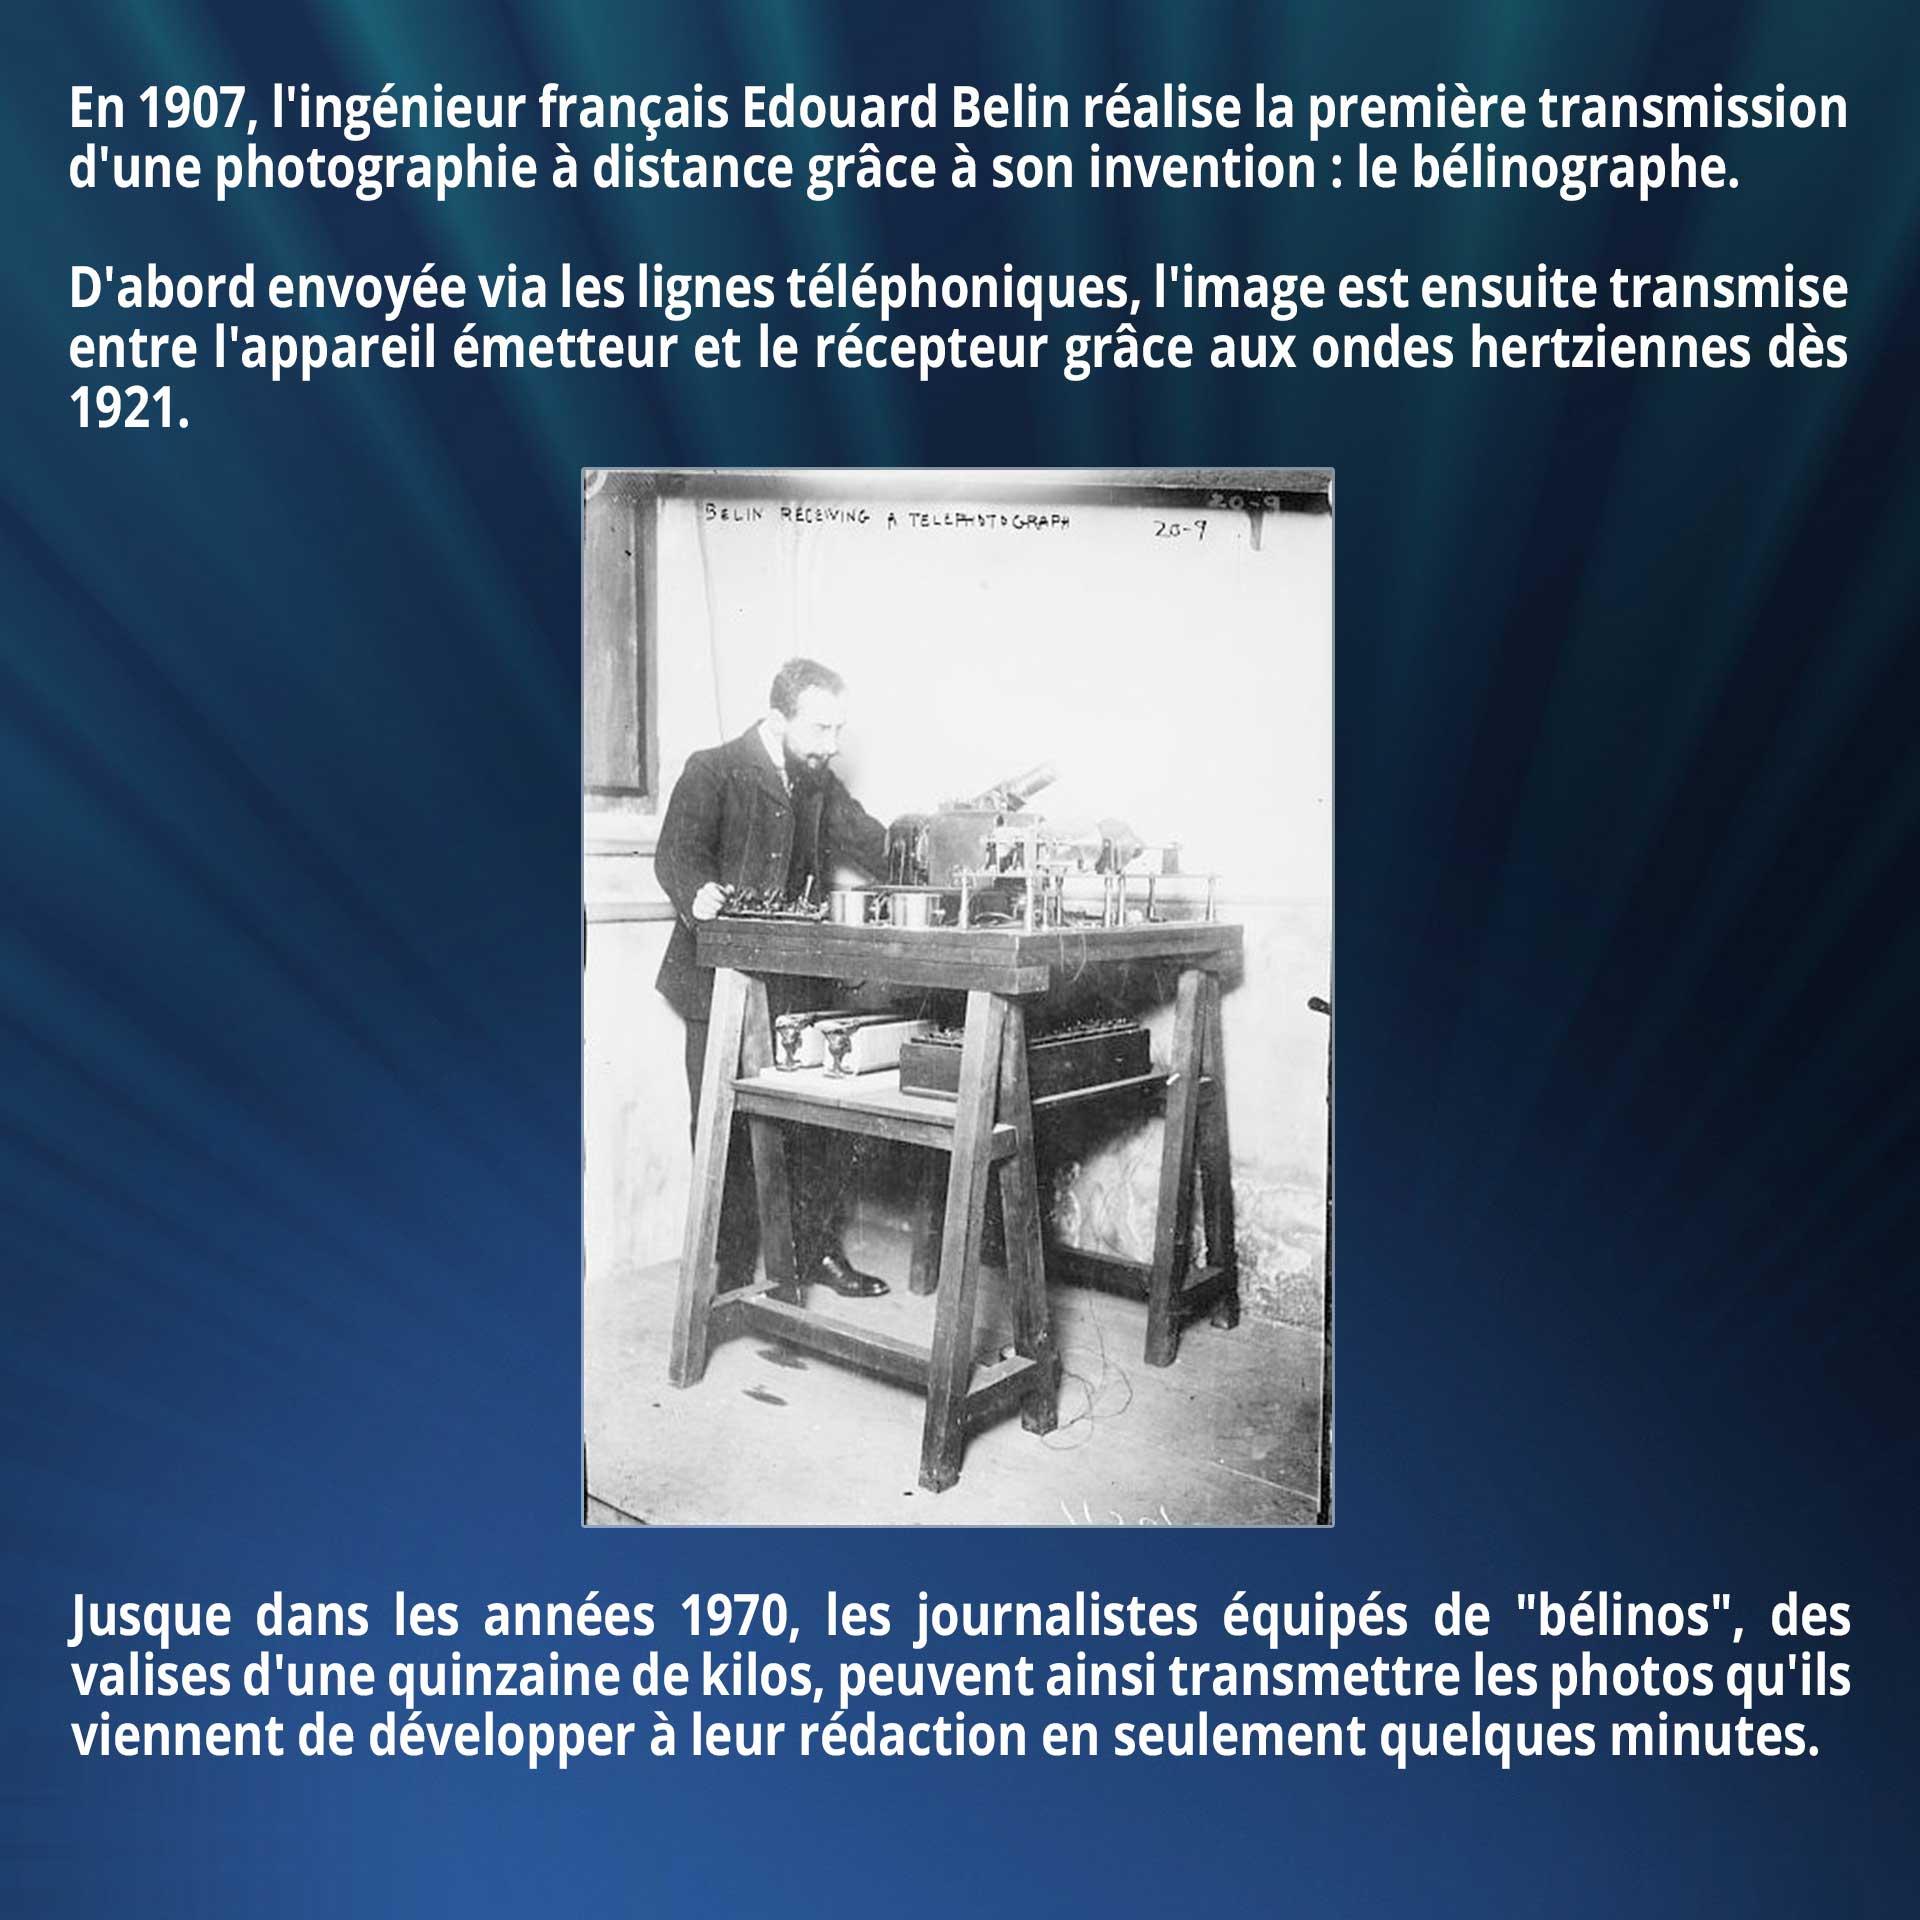 En 1907, l'ingénieur français Edouard Belin réalise la première transmission d'une photographie à distance grâce à son invention : le bélinographe. D'abord envoyée via les lignes téléphoniques, l'image est ensuite transmise entre l'appareil émetteur et le récepteur grâce aux ondes hertziennes dès 1921. Jusque dans les années 1970, les journalistes équipés de